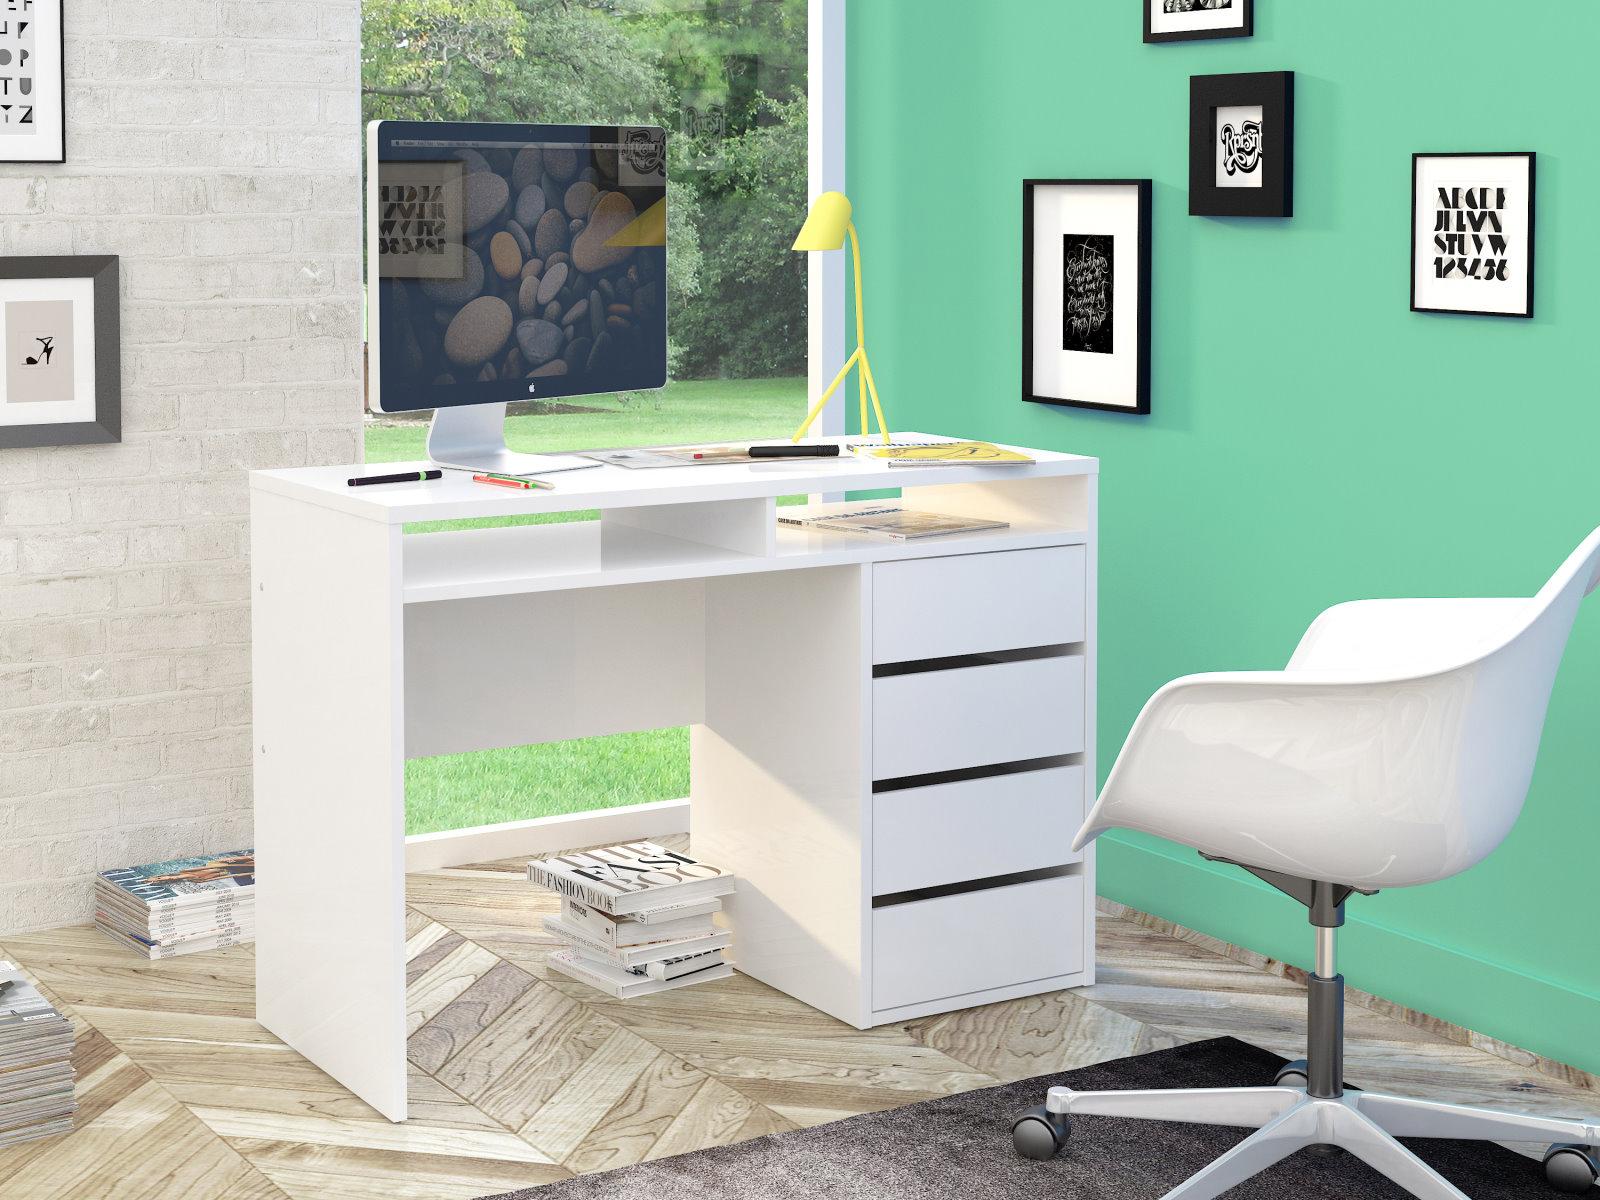 schreibtisch plus wei hochglanz arbeitstisch computertisch kinderschreibtisch m bel wohnen tische. Black Bedroom Furniture Sets. Home Design Ideas